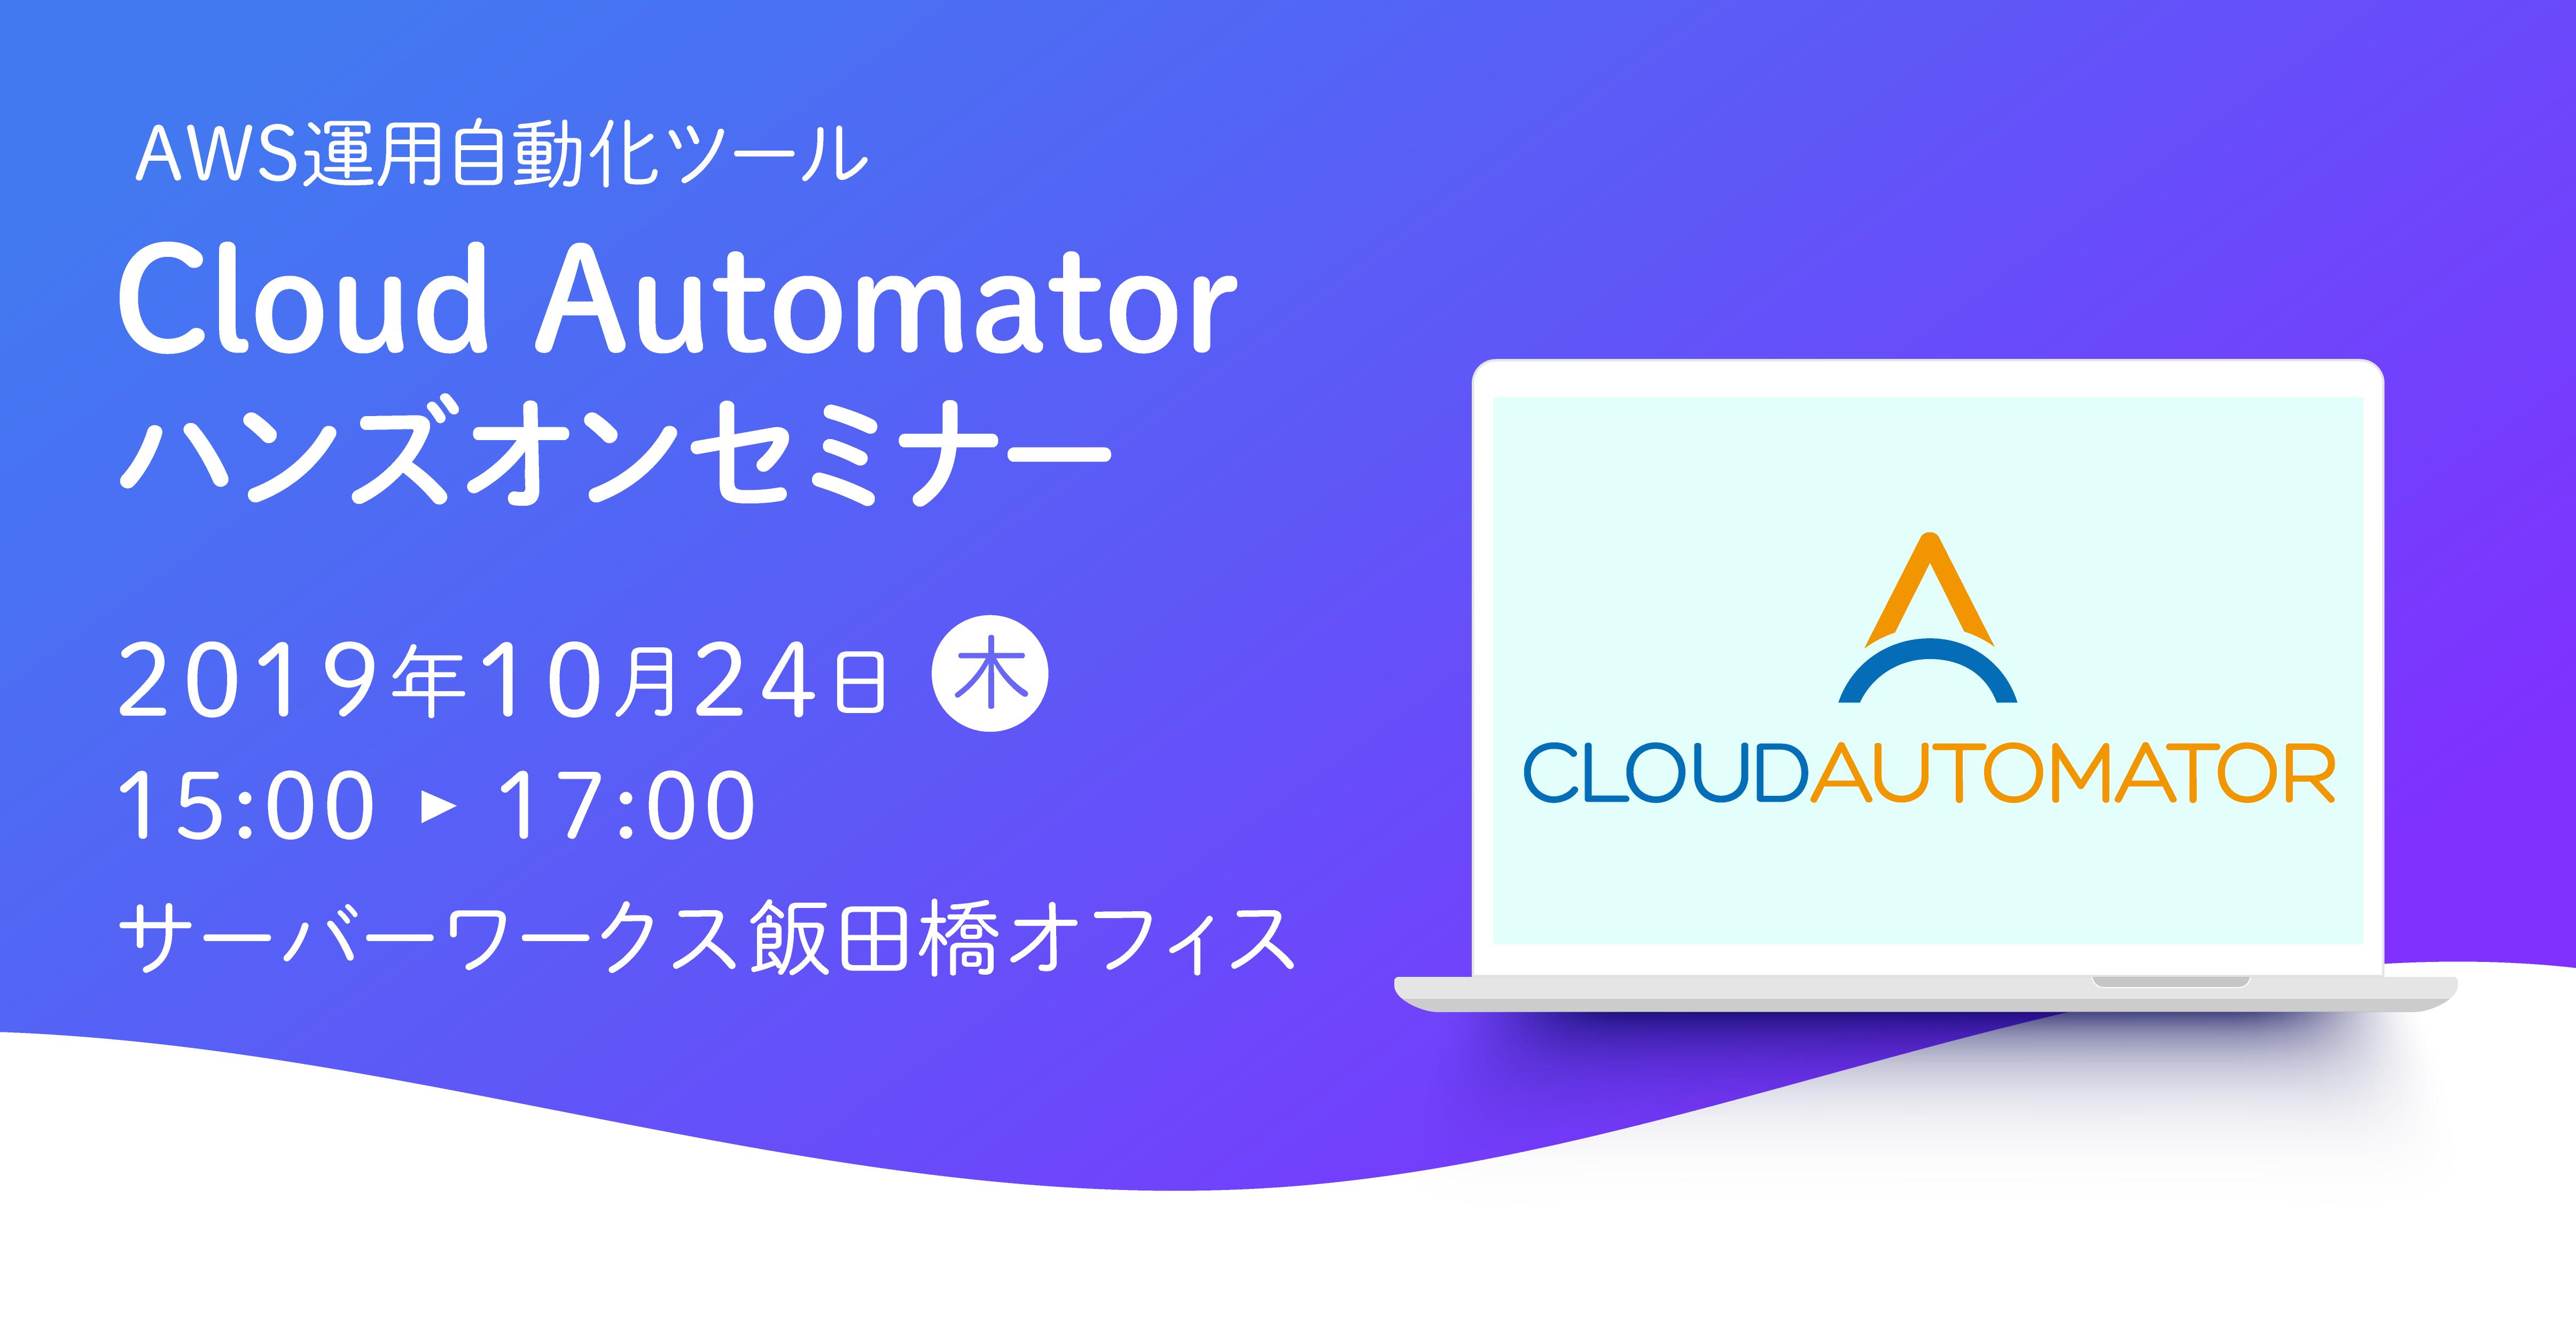 【10月24日東京開催】AWS運用自動化ツール「Cloud Automator」のハンズオンセミナーを開催します